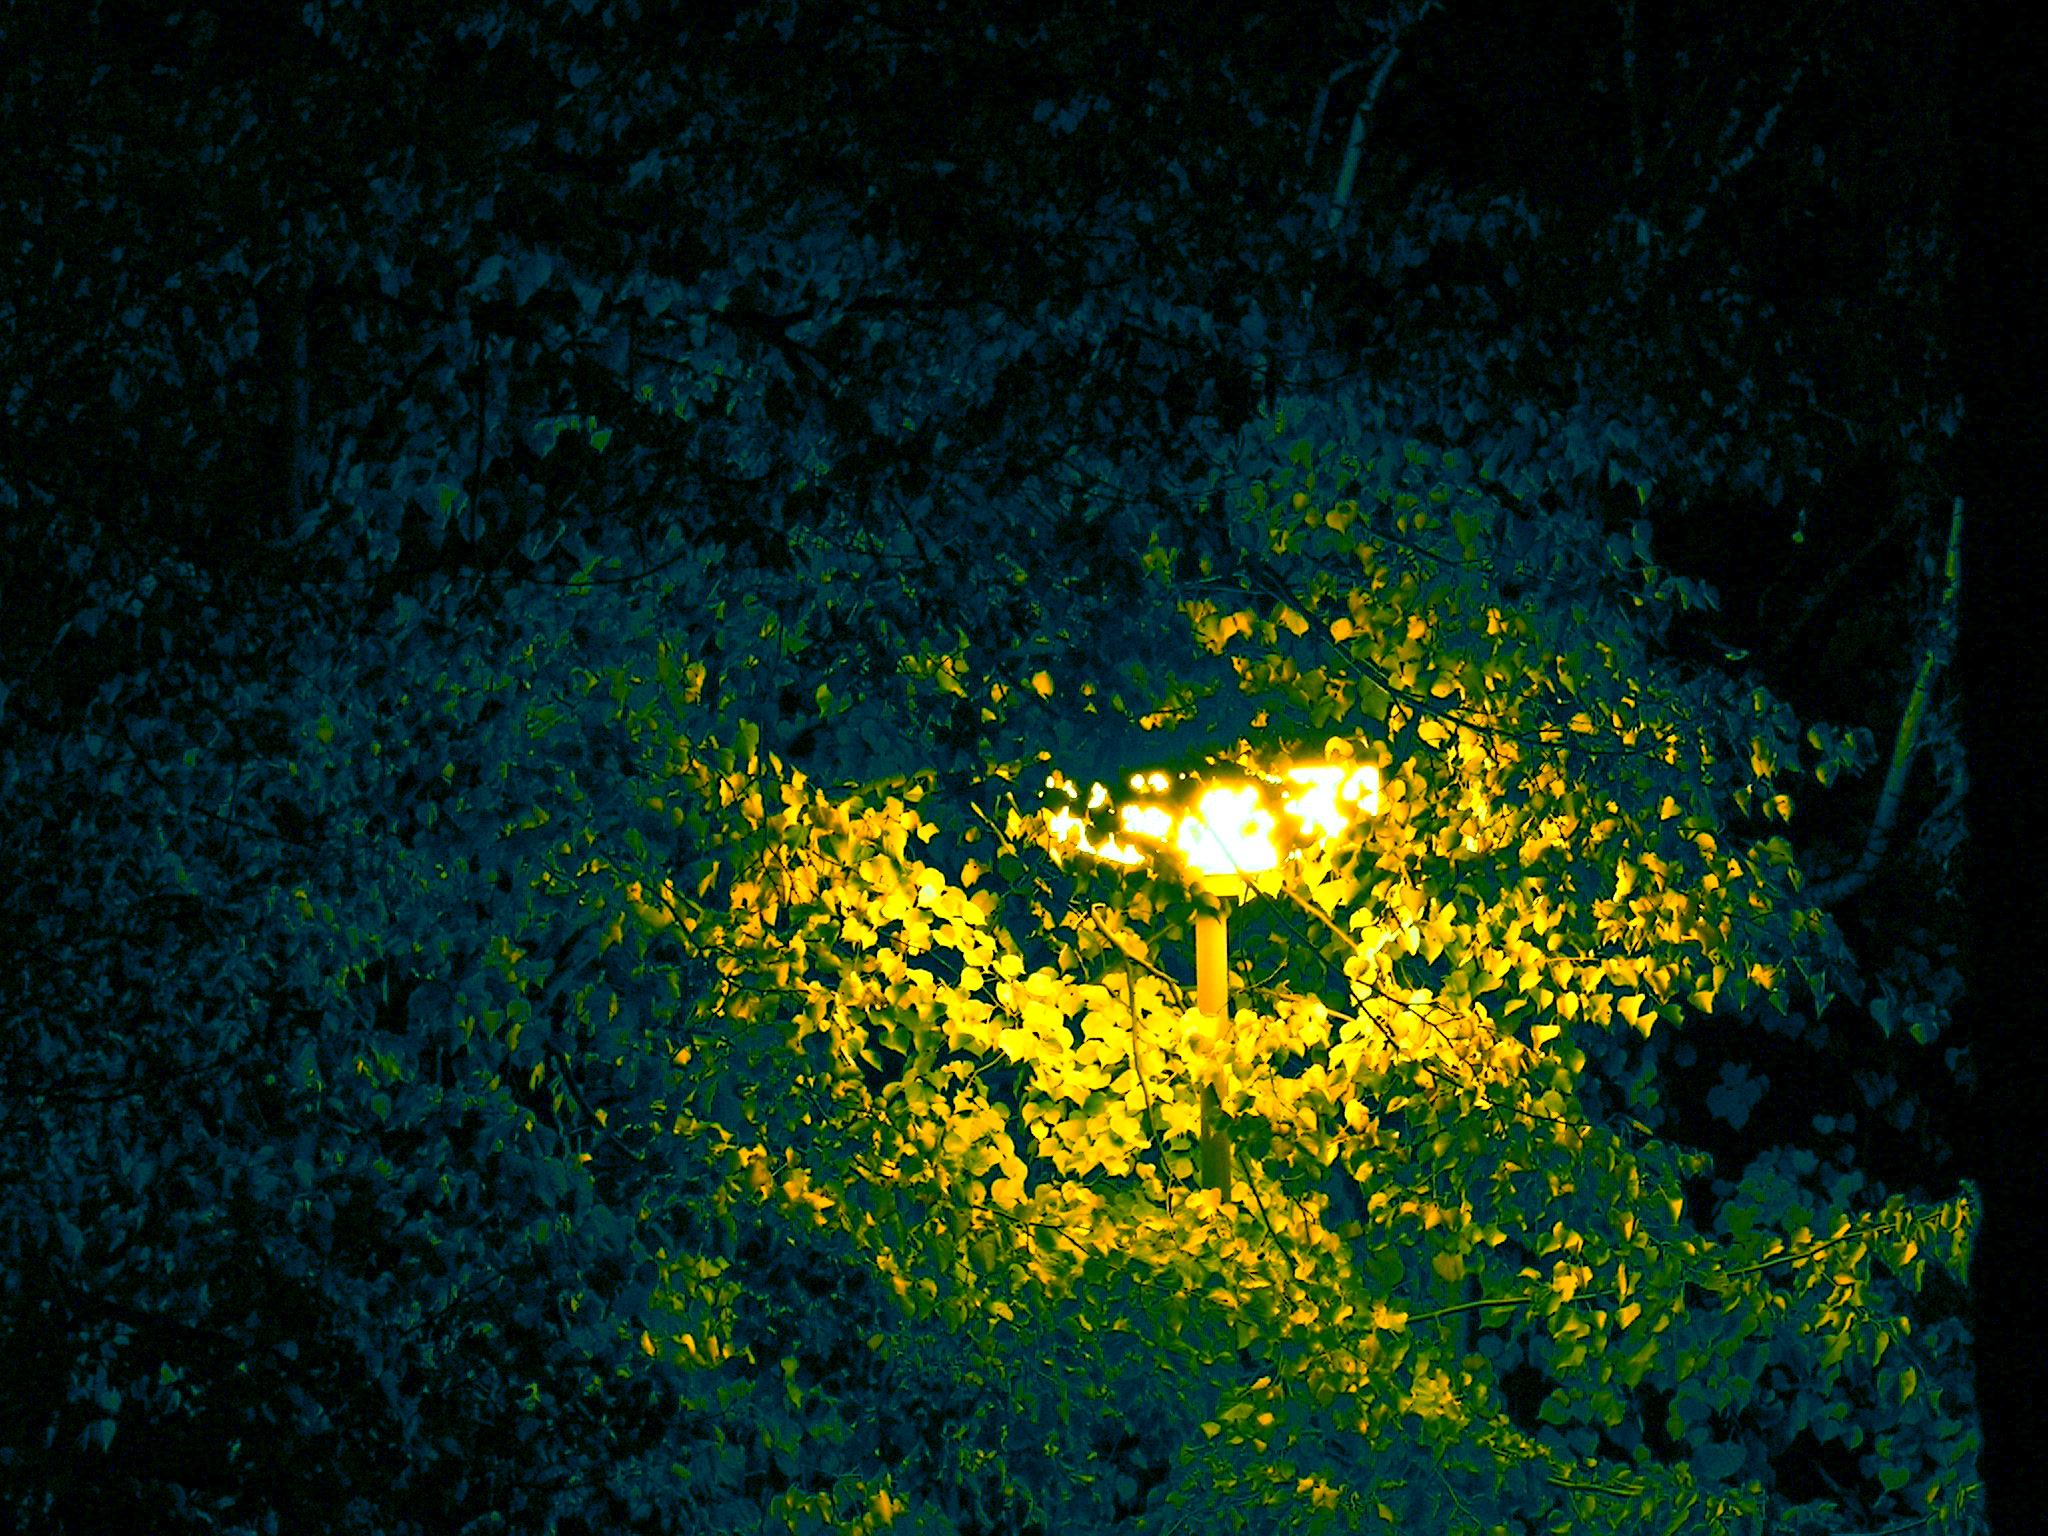 Lampa ve větvích břízy